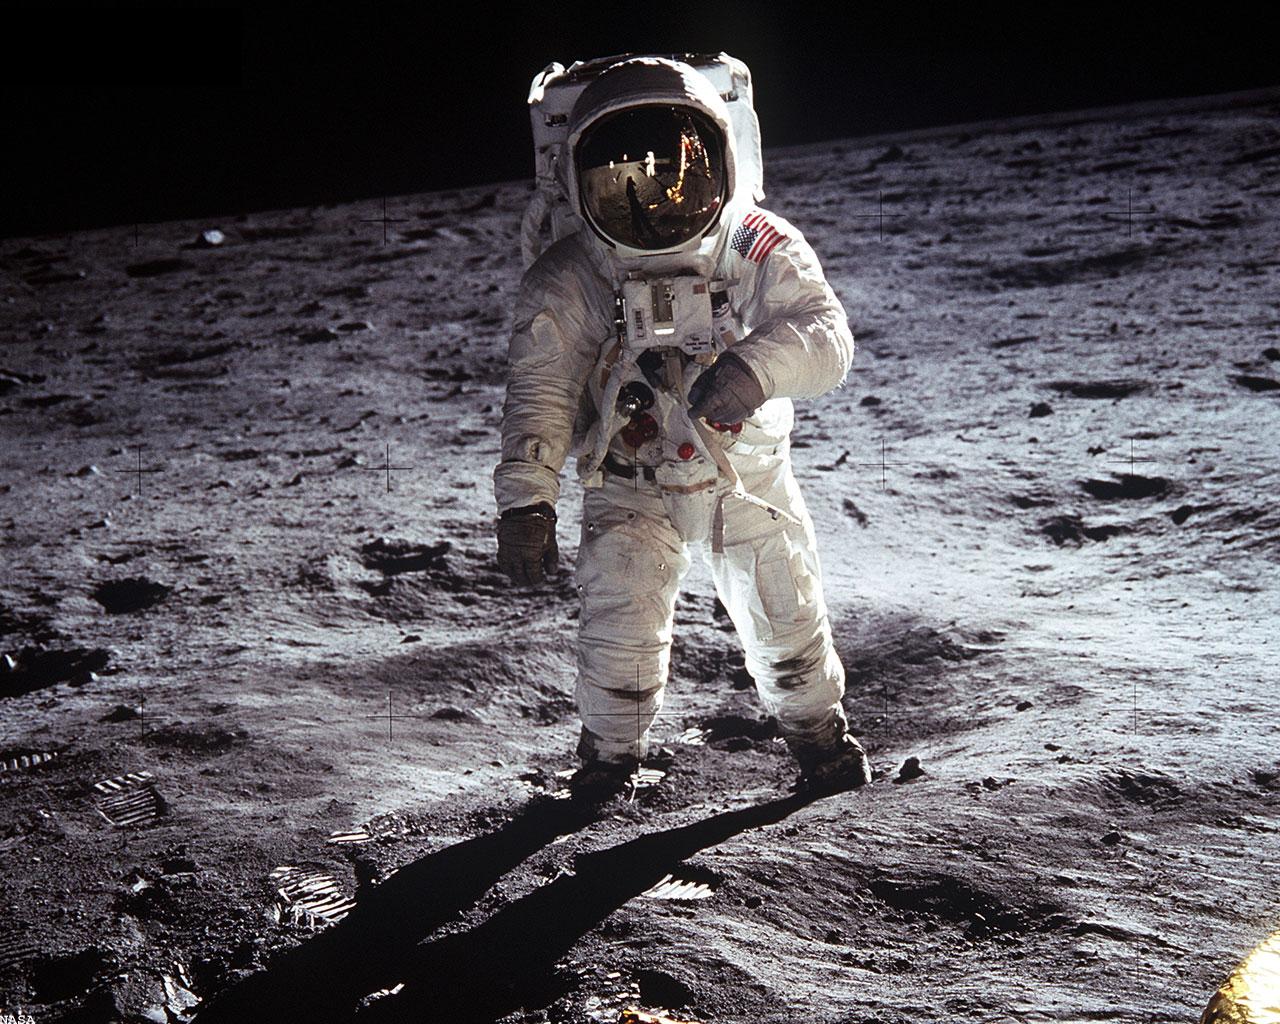 http://1.bp.blogspot.com/-QFVG1i_lxKE/T-_MVY4hyEI/AAAAAAAAA1I/ZneMfzJ3soQ/s1600/man+on+moon.jpg